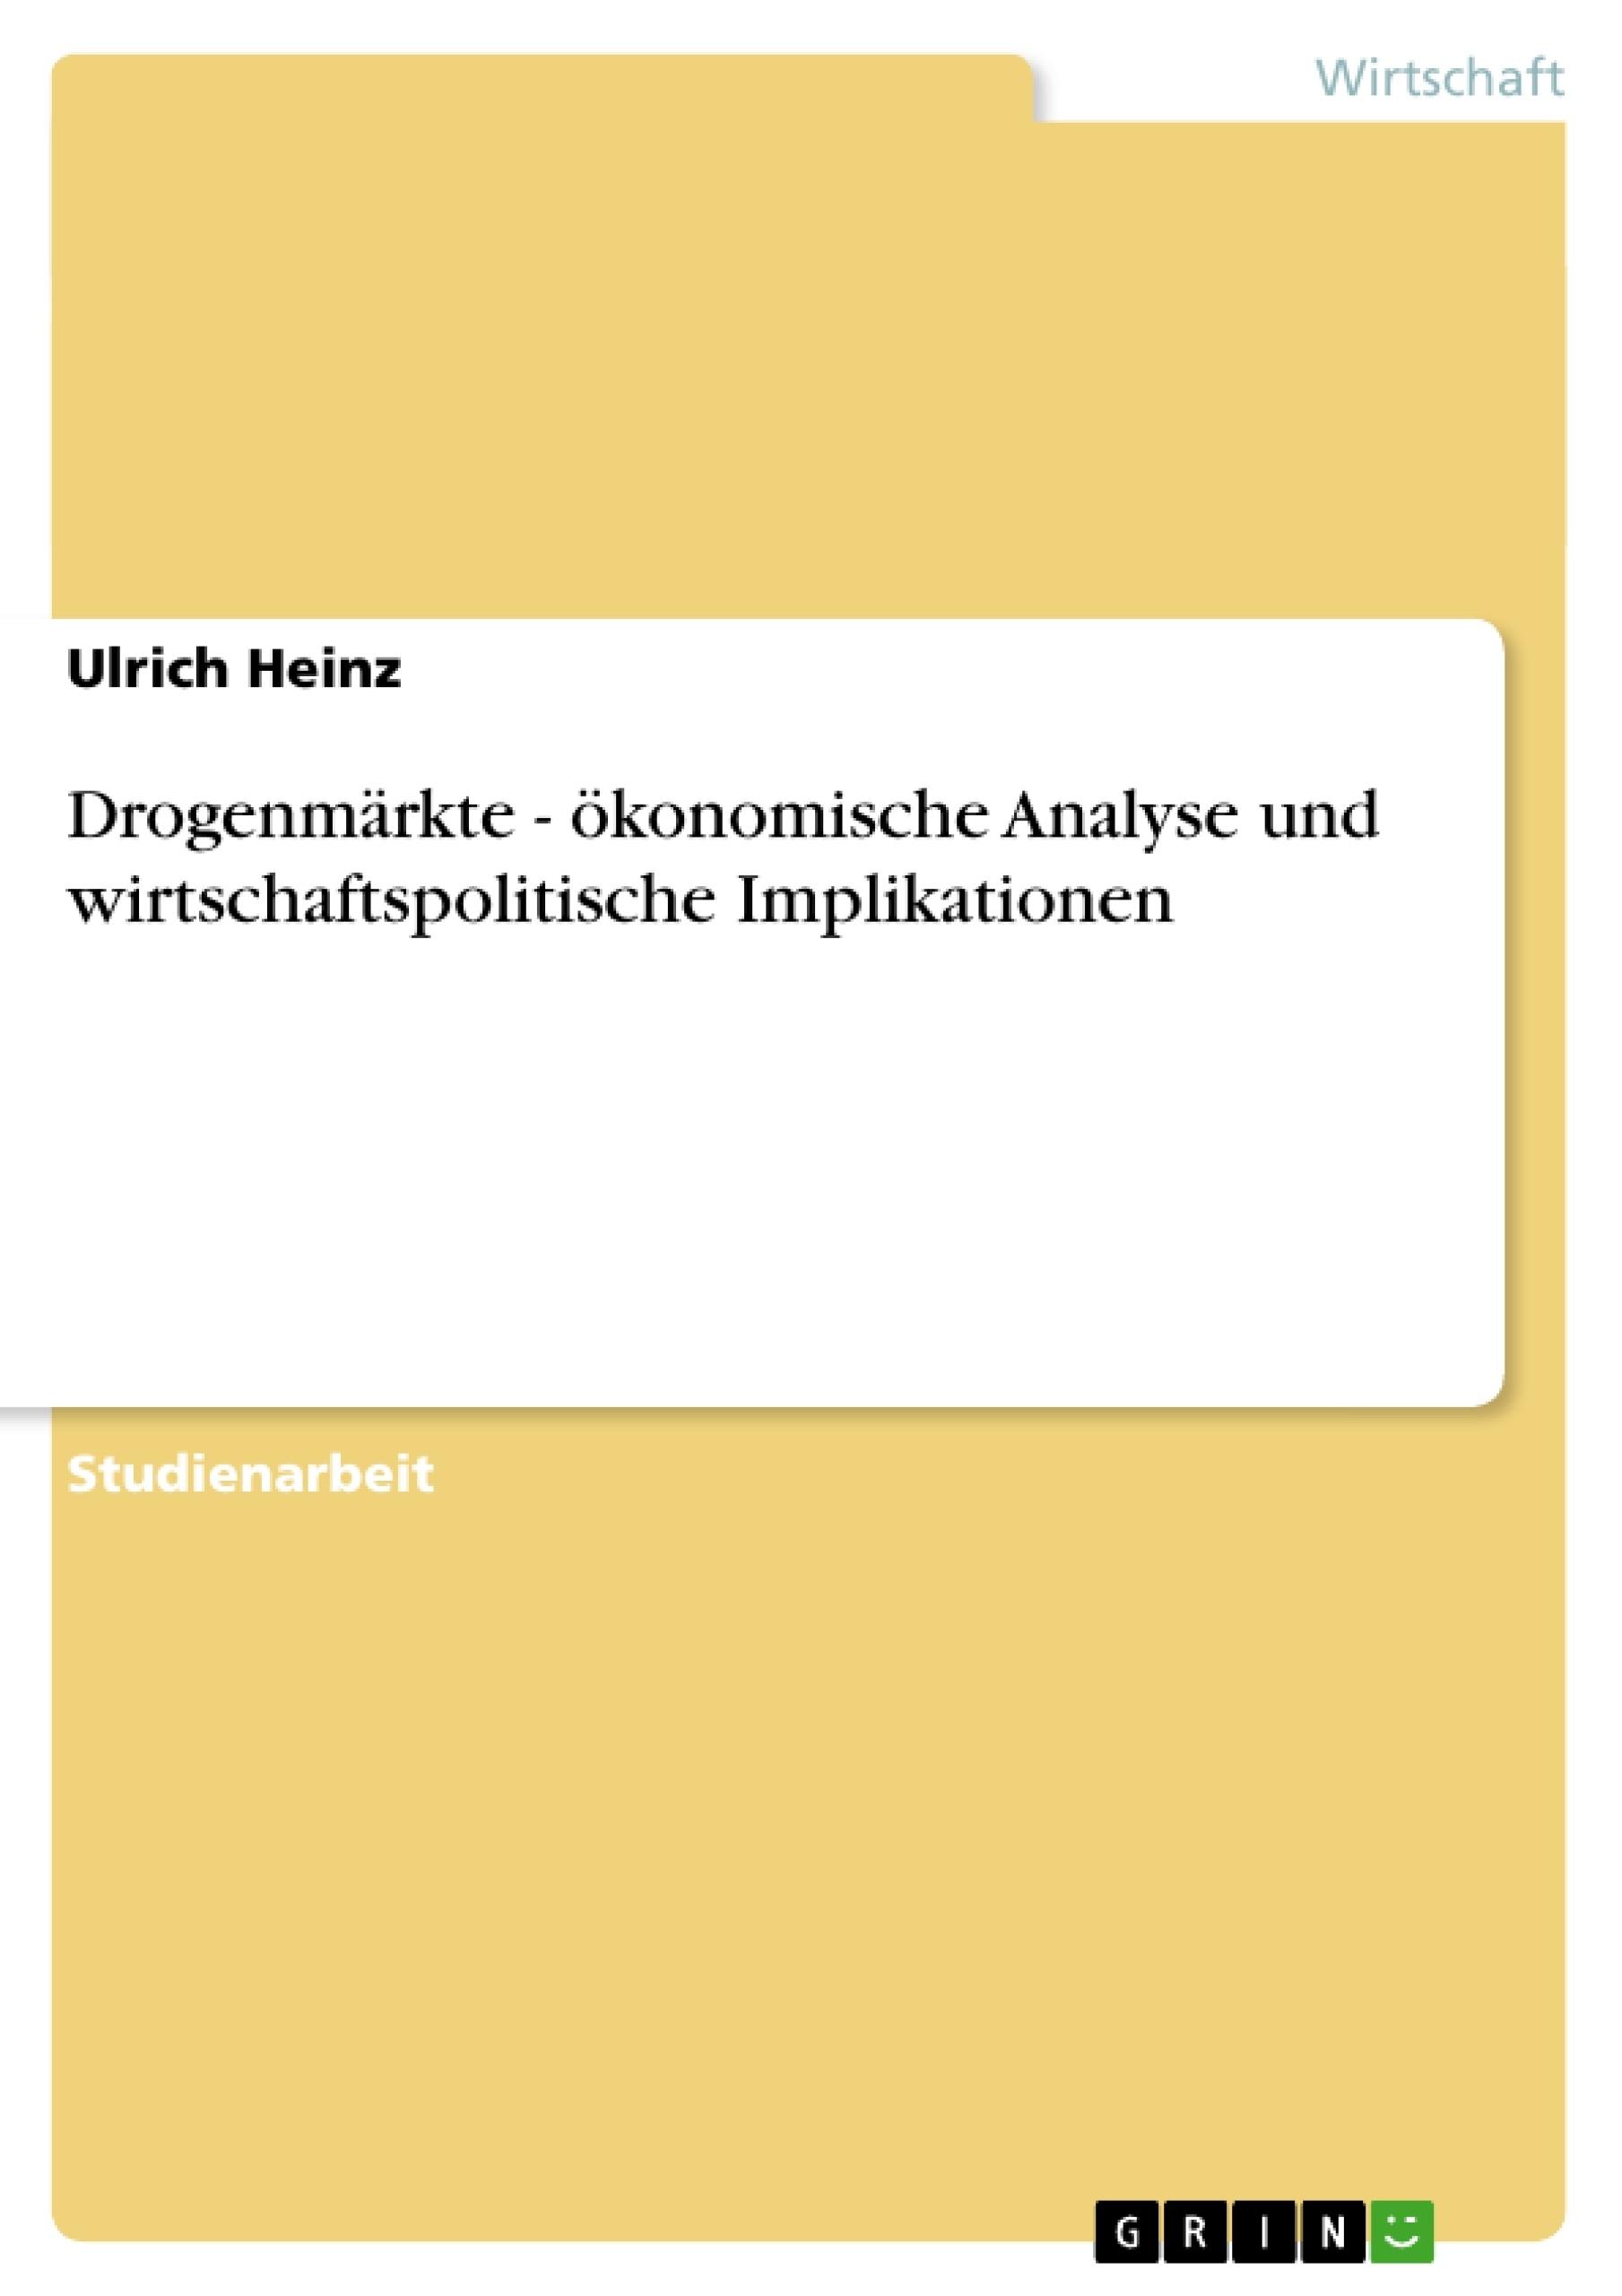 Titel: Drogenmärkte - ökonomische Analyse und wirtschaftspolitische Implikationen